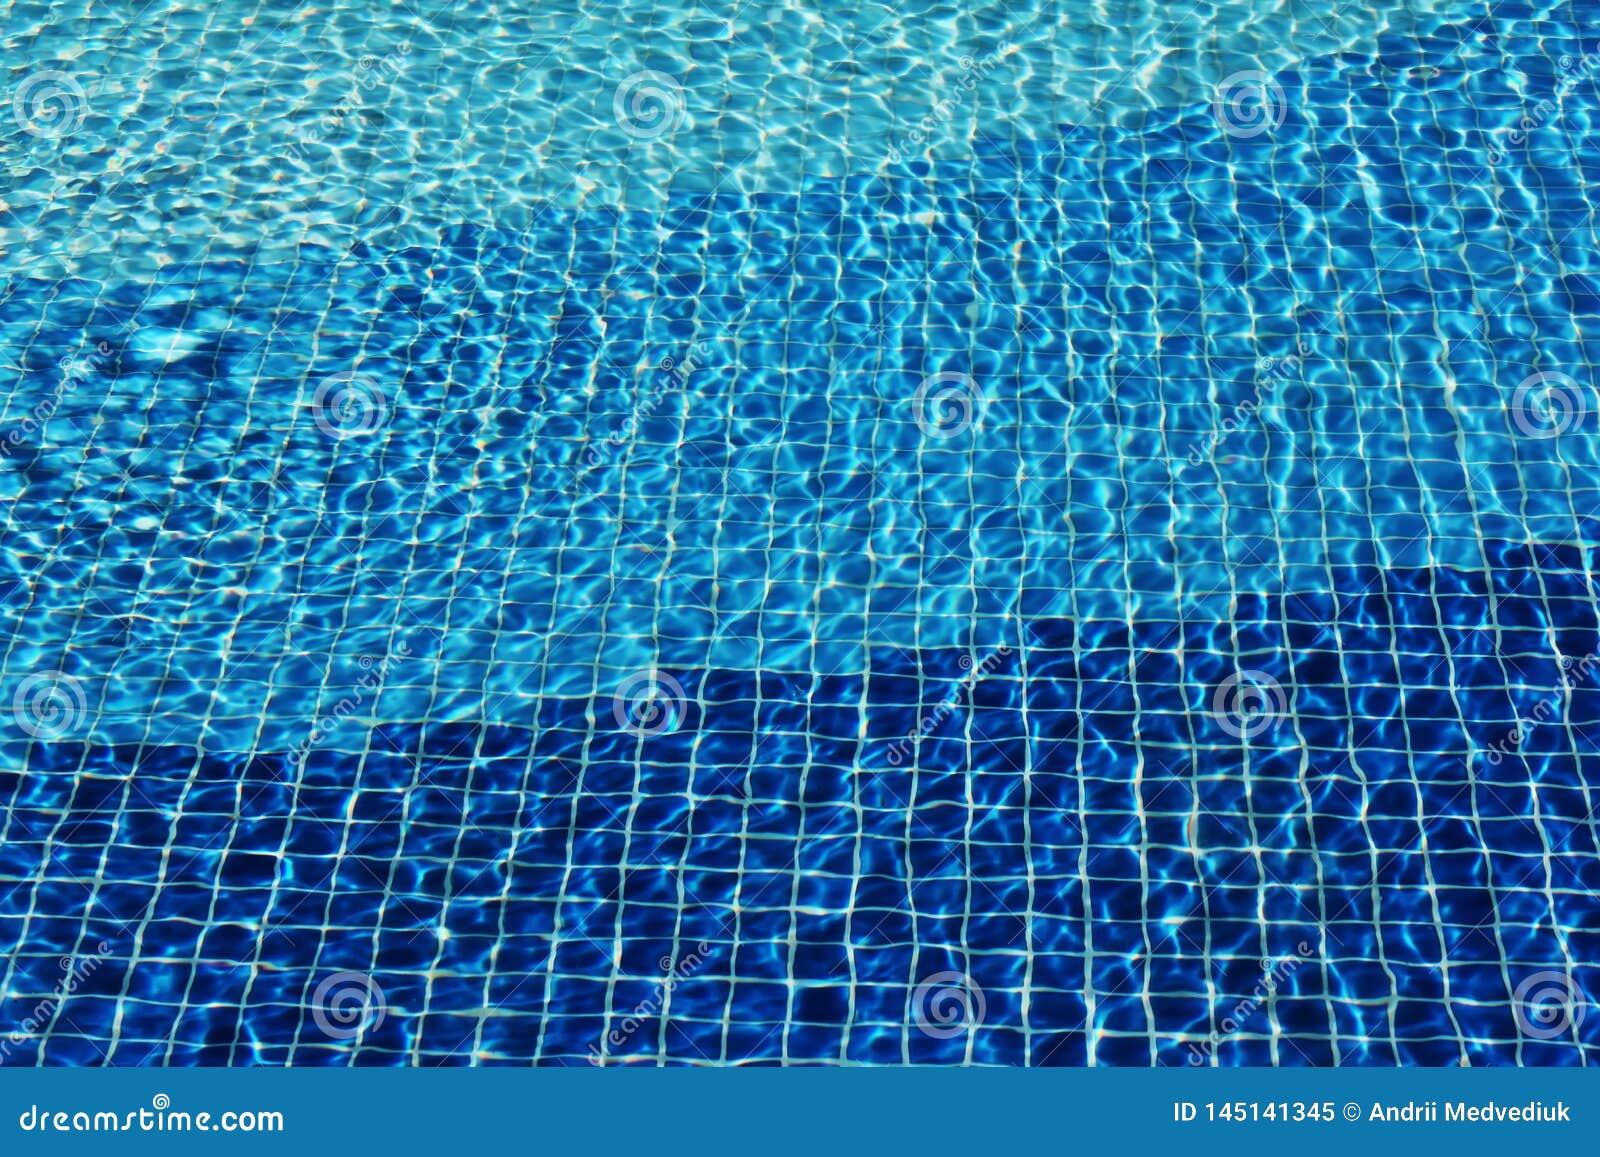 Los c?usticos inferiores del mosaico de la piscina ondulan como la agua de mar Textura de la superficie del agua Visi?n superior